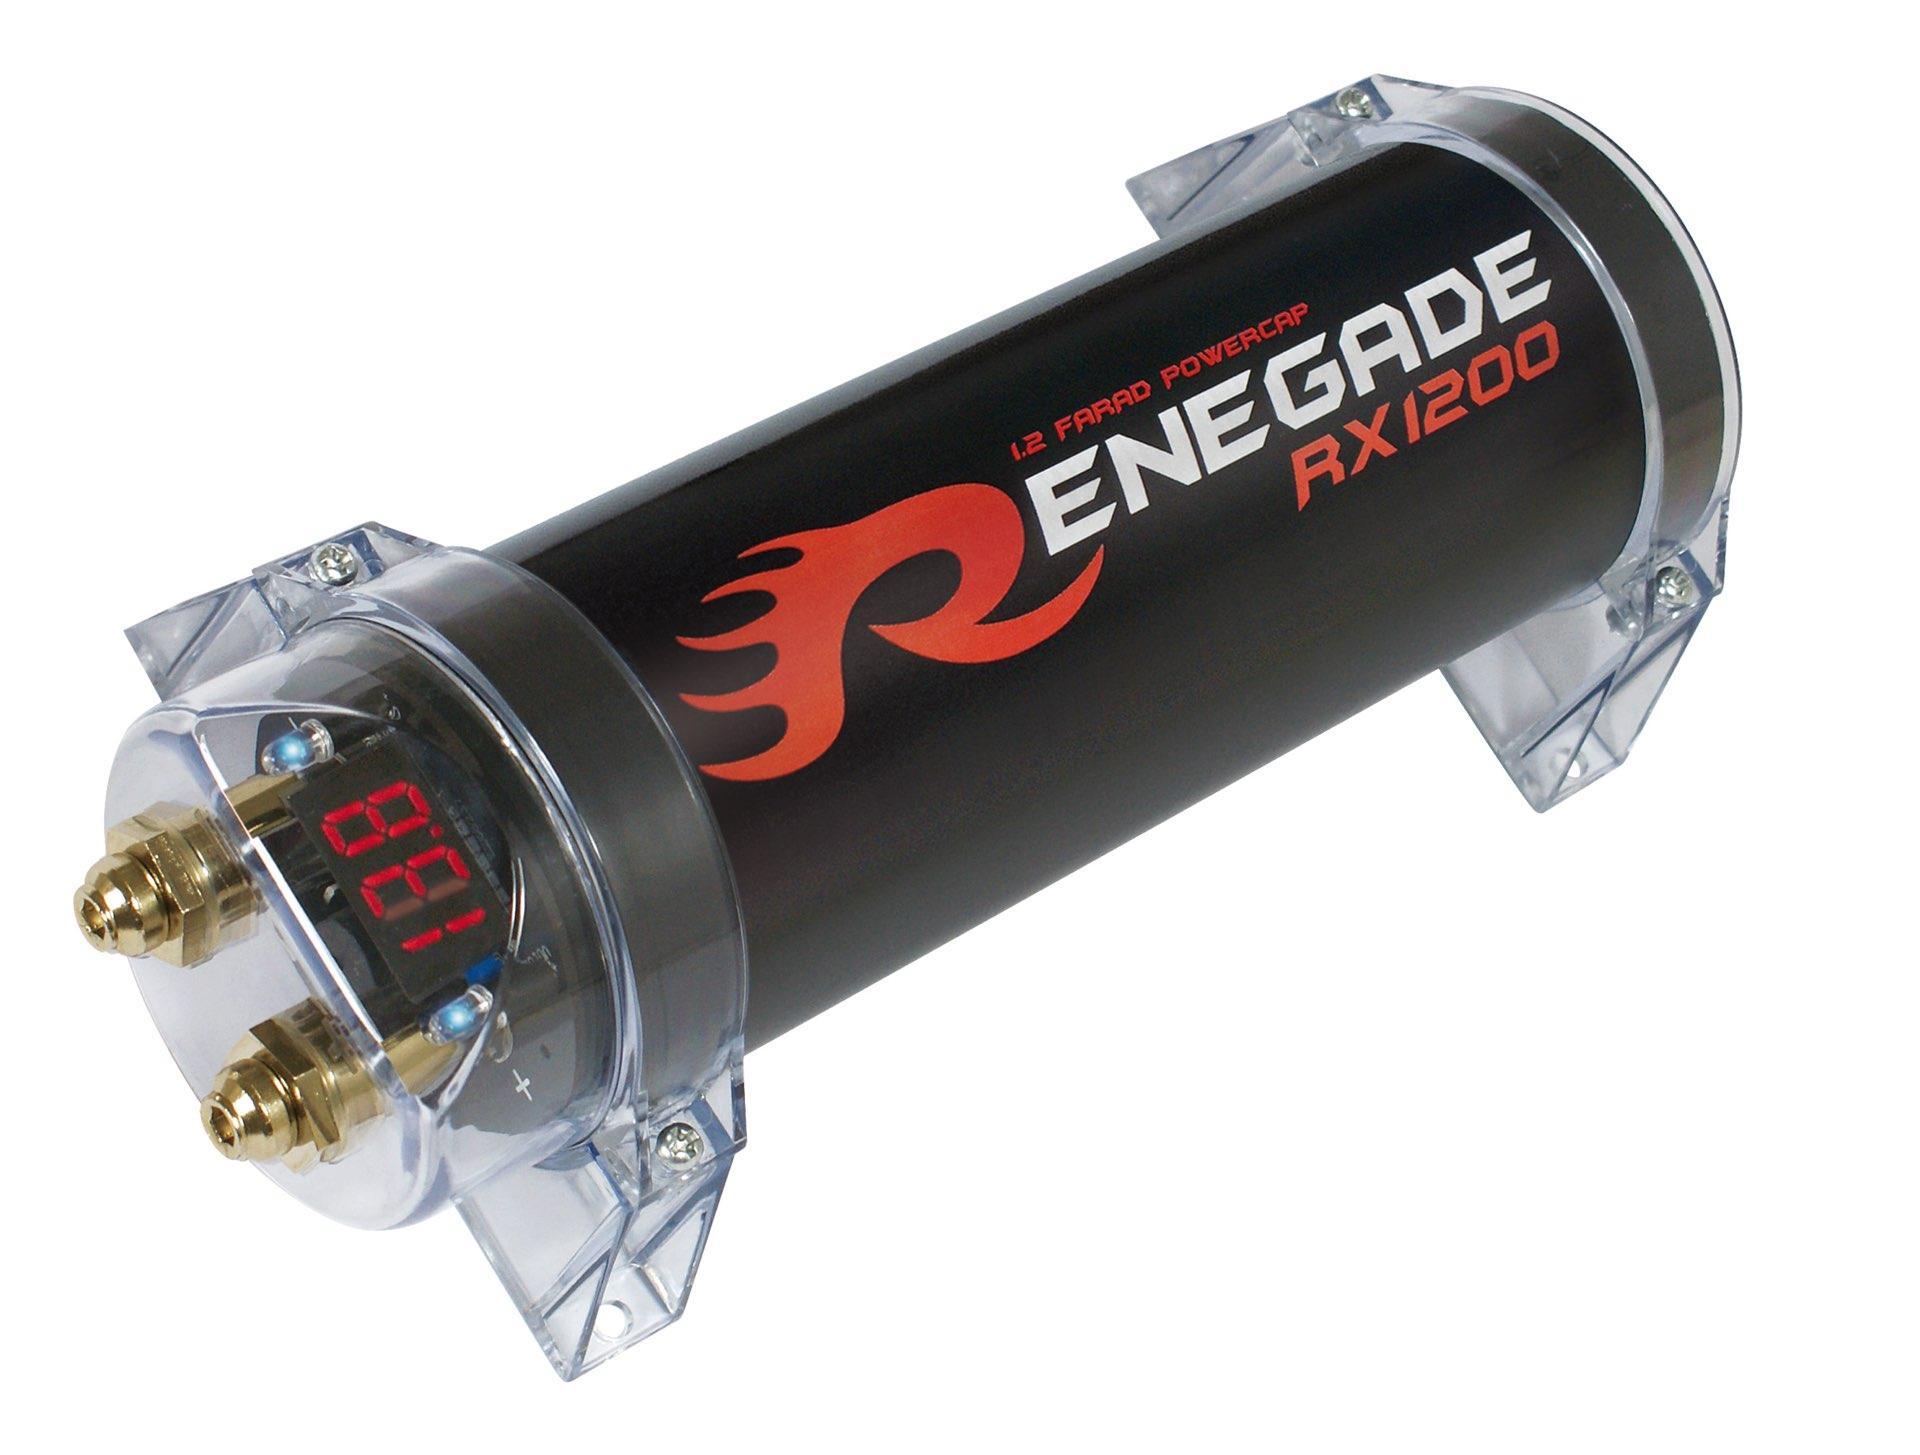 Купете RX1200 RENEGADE Кондензатор за усилвател RX1200 евтино